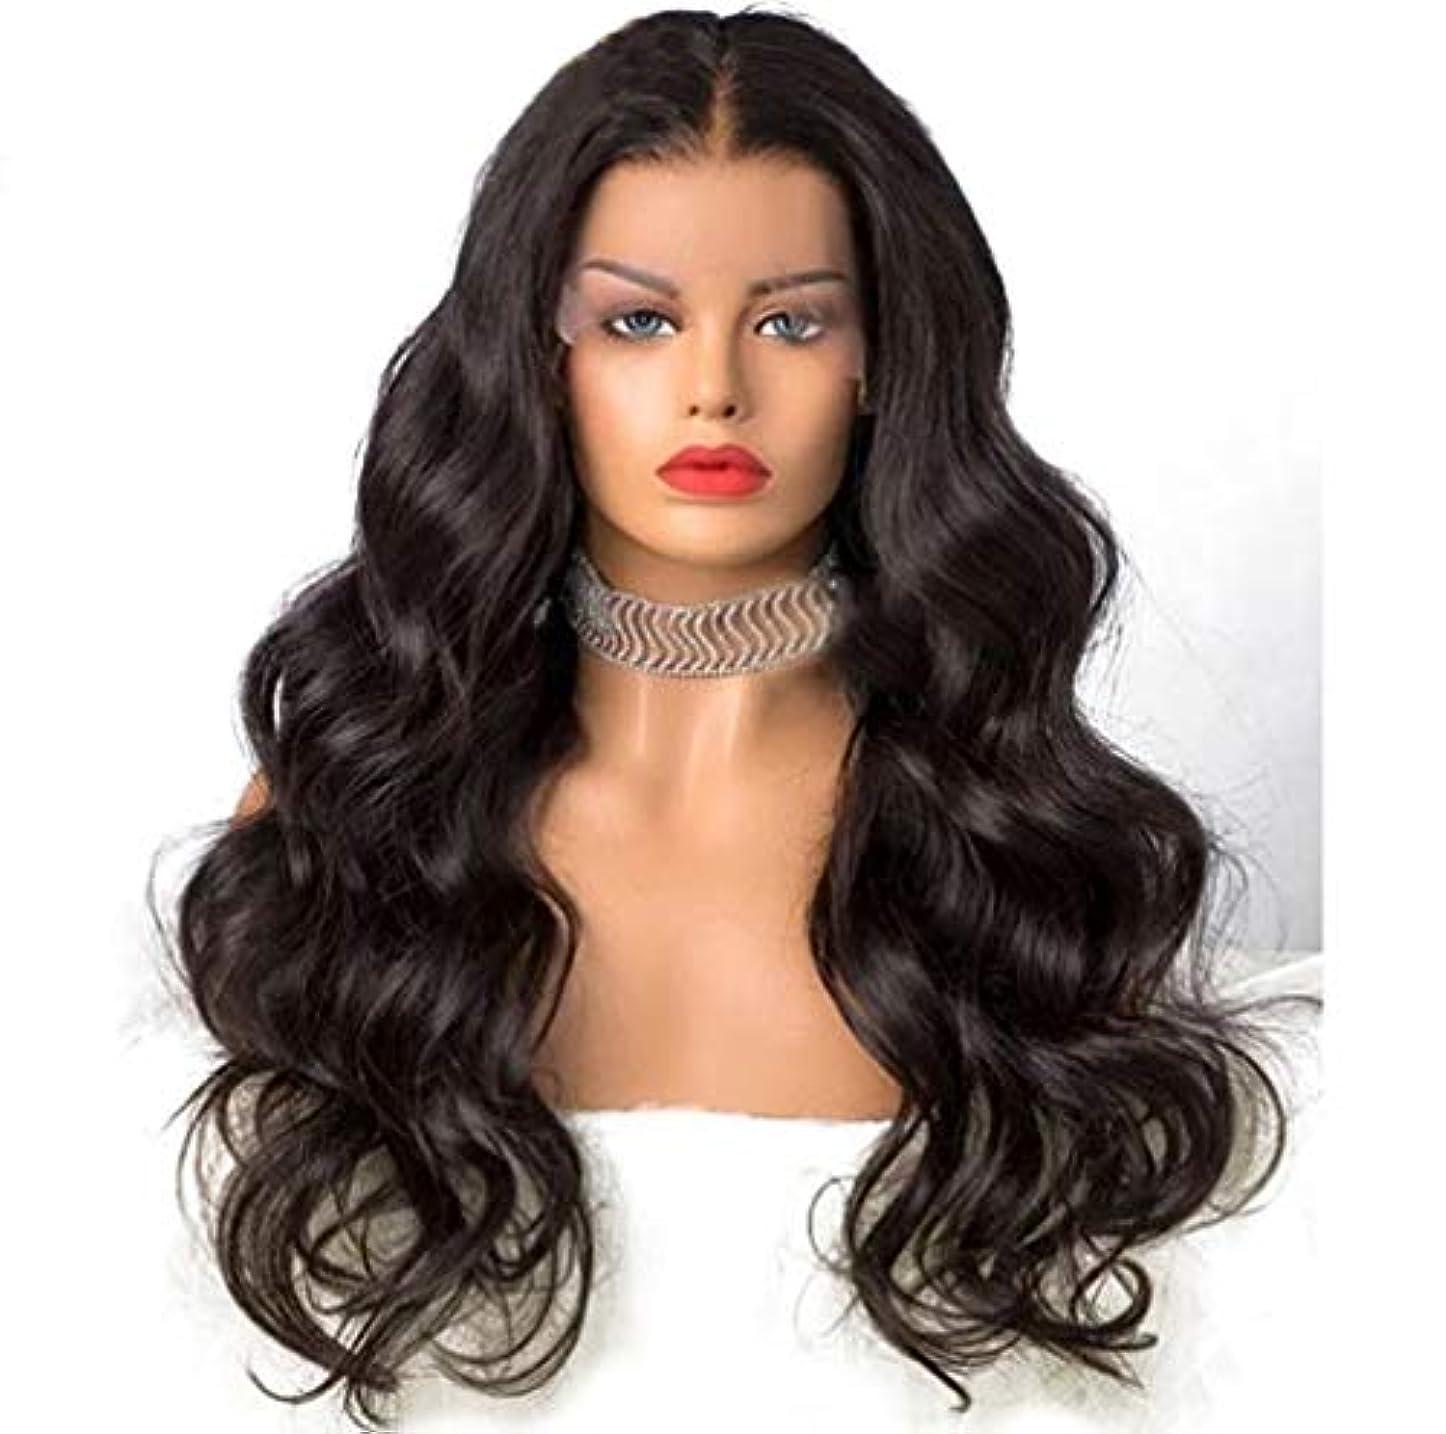 バラバラにするフットボール結果女性のかつら150%密度フロントレースカーリーウェーブブラジル髪レースフロントかつら摘み出されたヘアライン髪グルーレス